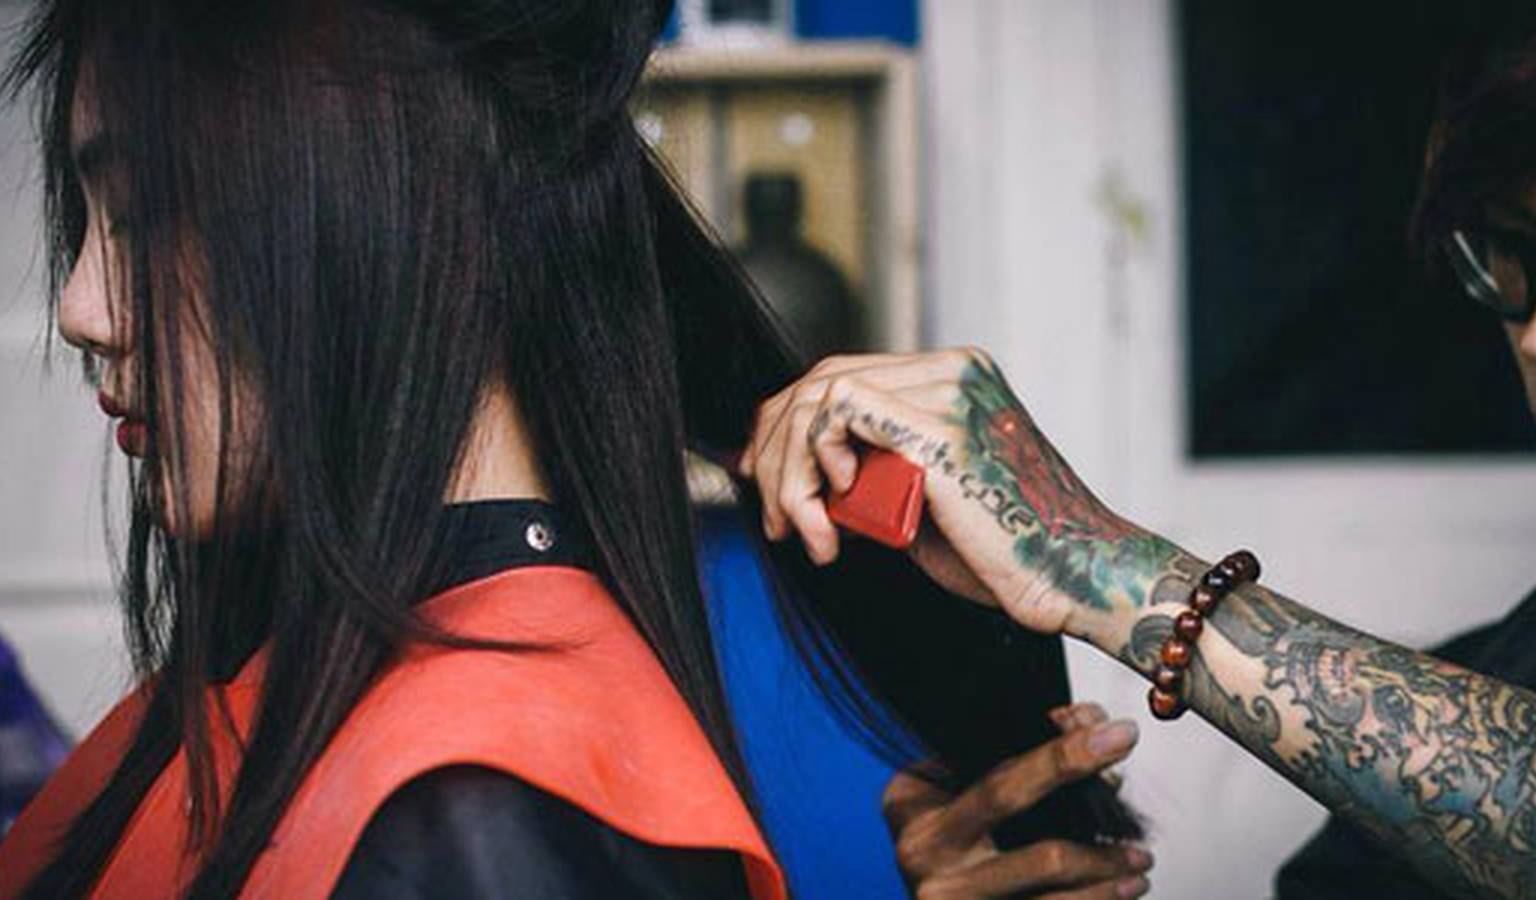 Top 6 tiệm cắt tóc đẹp ở quận 10 uy tín, đa dạng kiểu 2